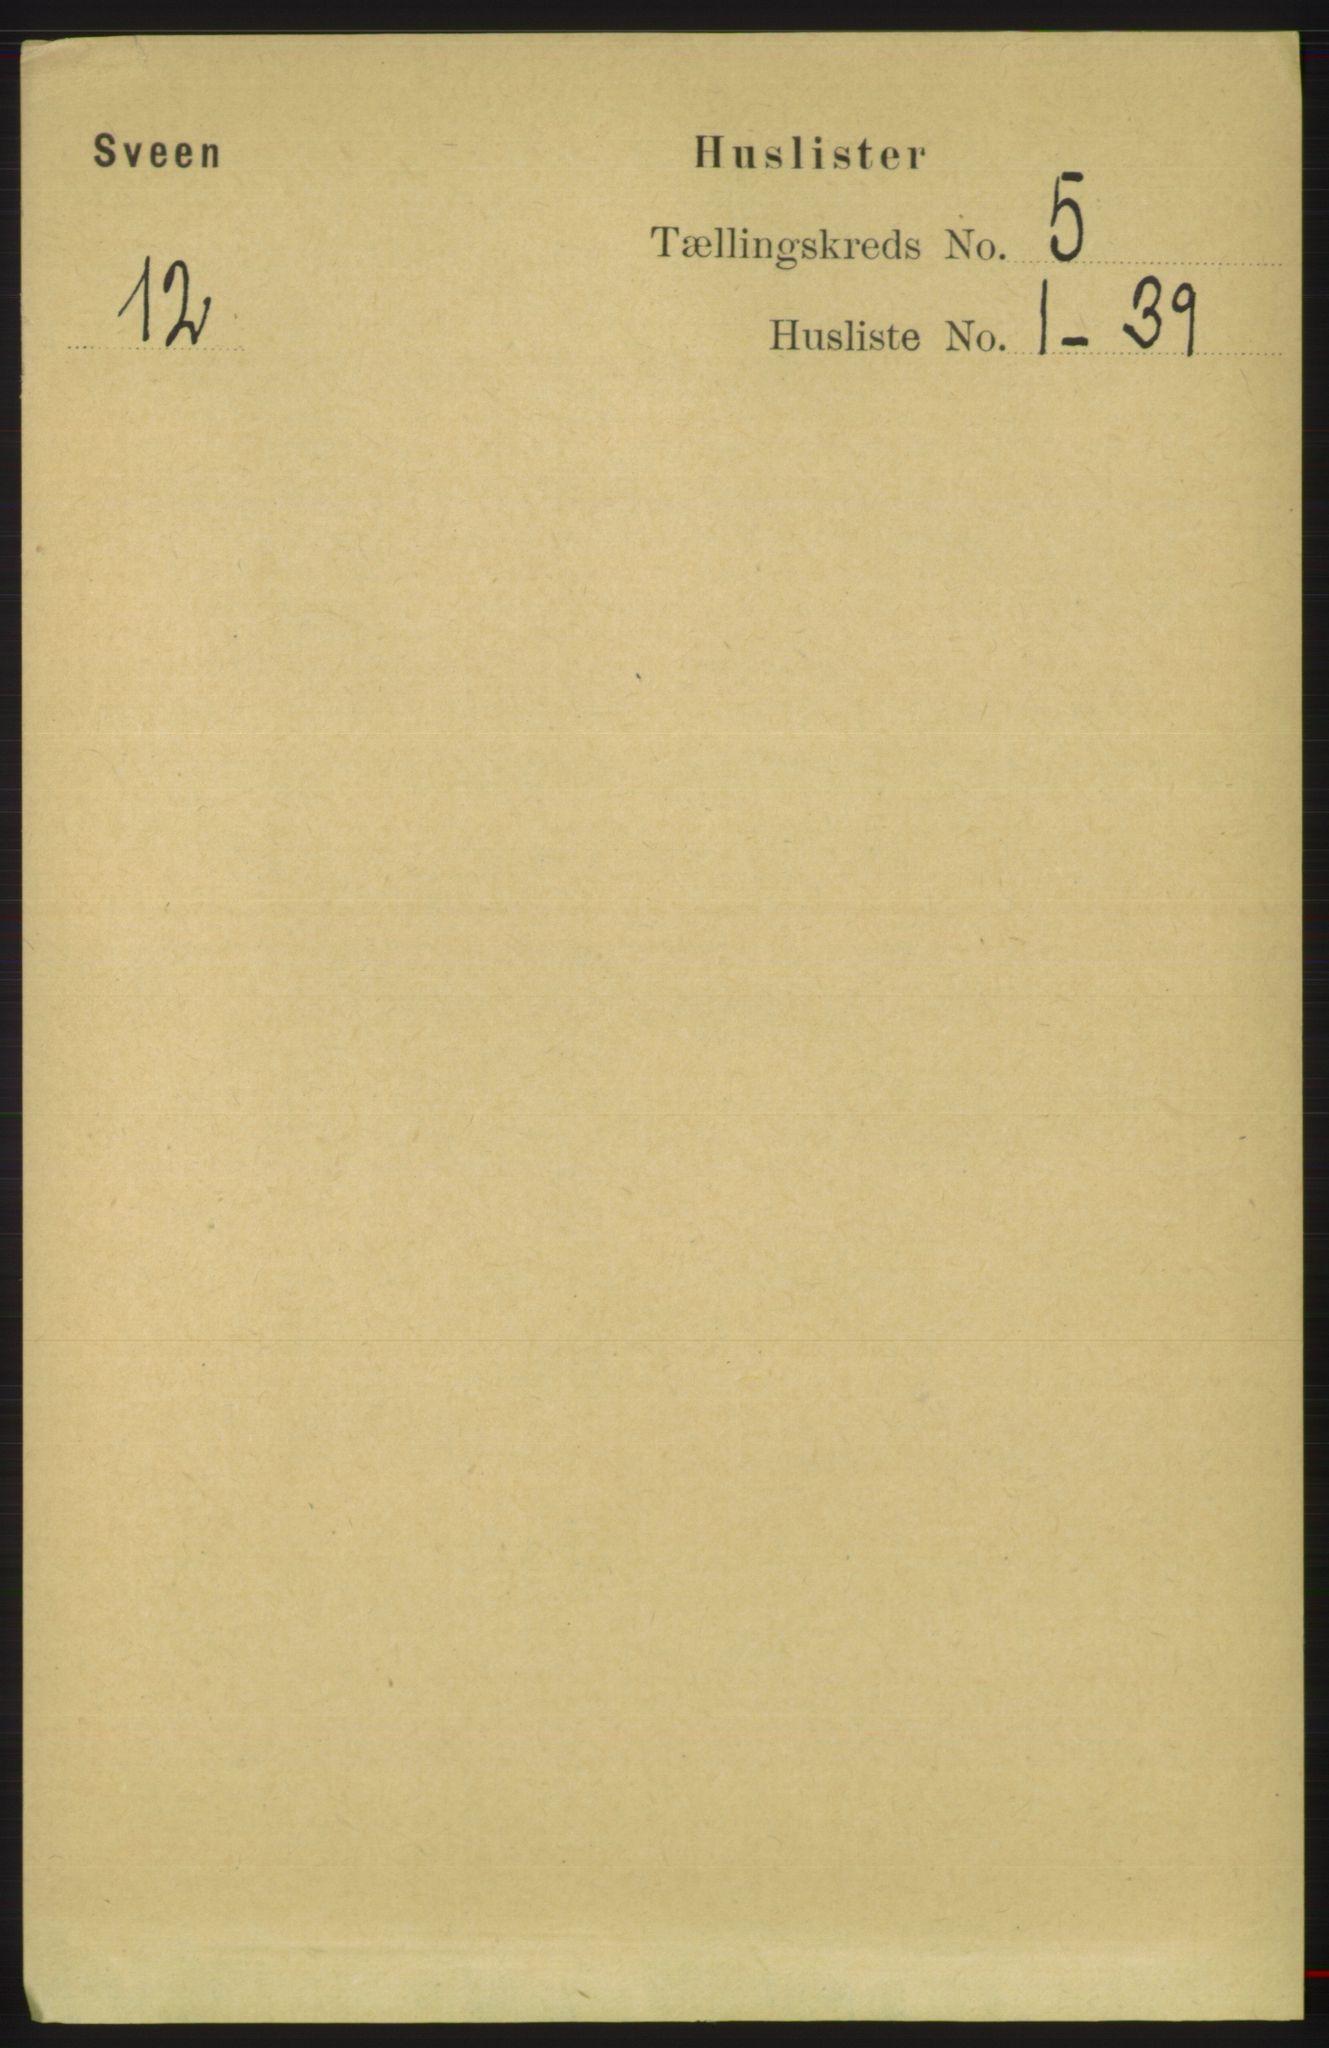 RA, Folketelling 1891 for 1216 Sveio herred, 1891, s. 1410